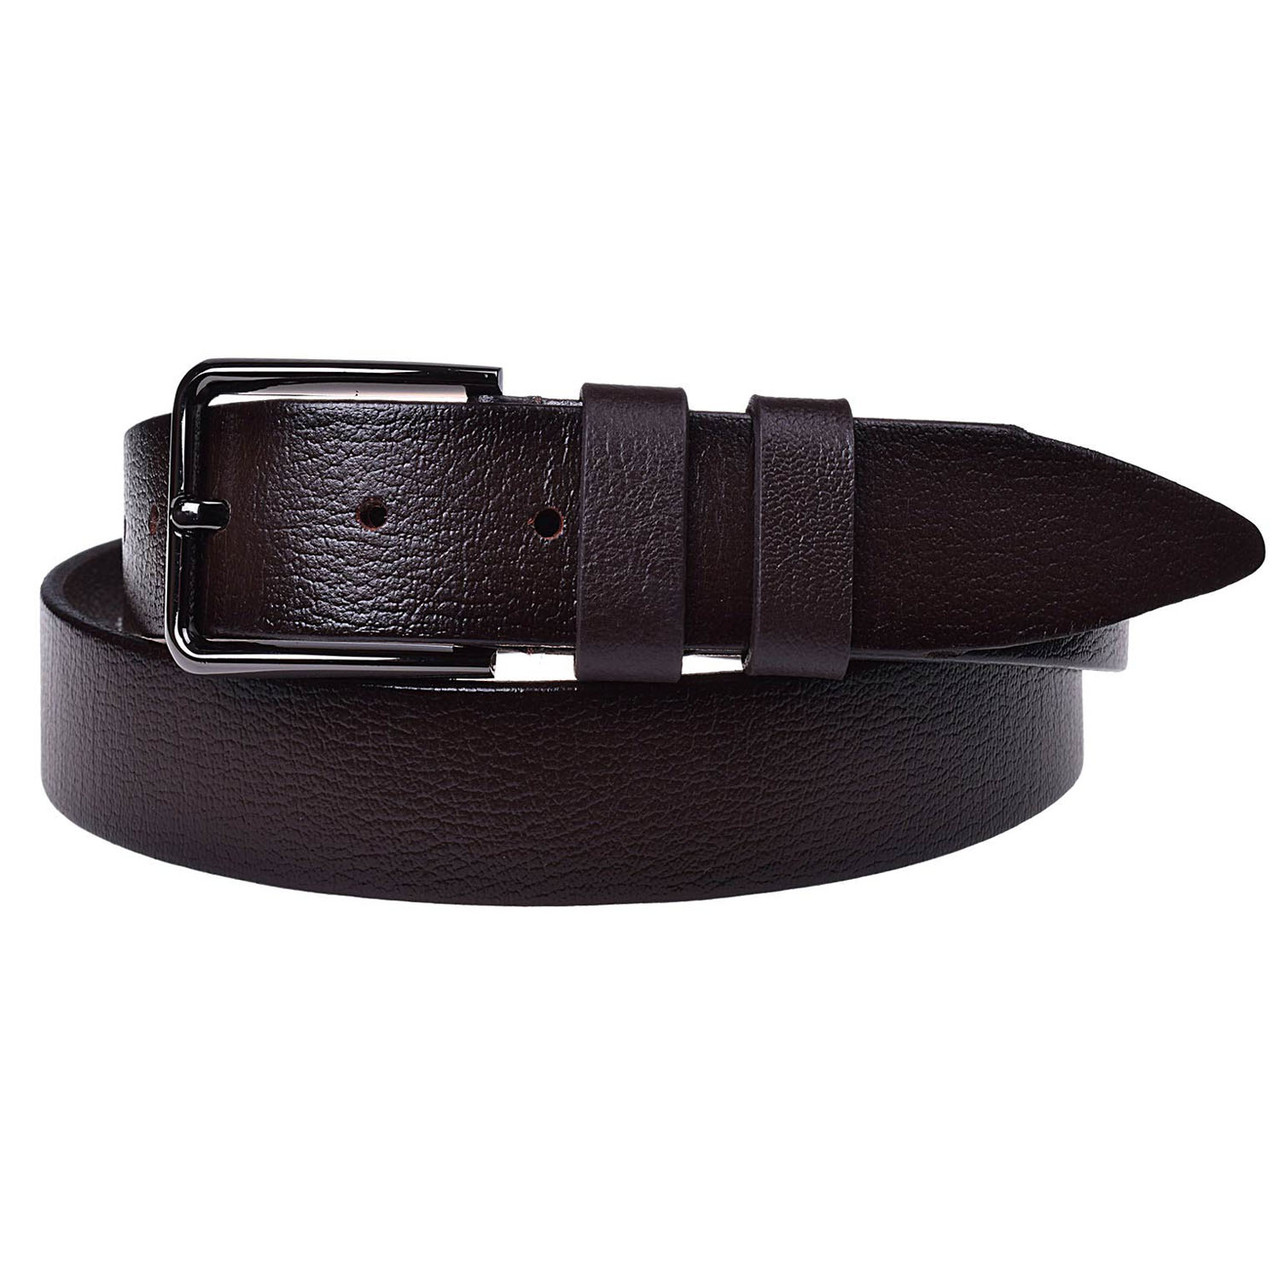 Натуральная кожаный мужской ремень JK Темно-коричневый (MC352050126)